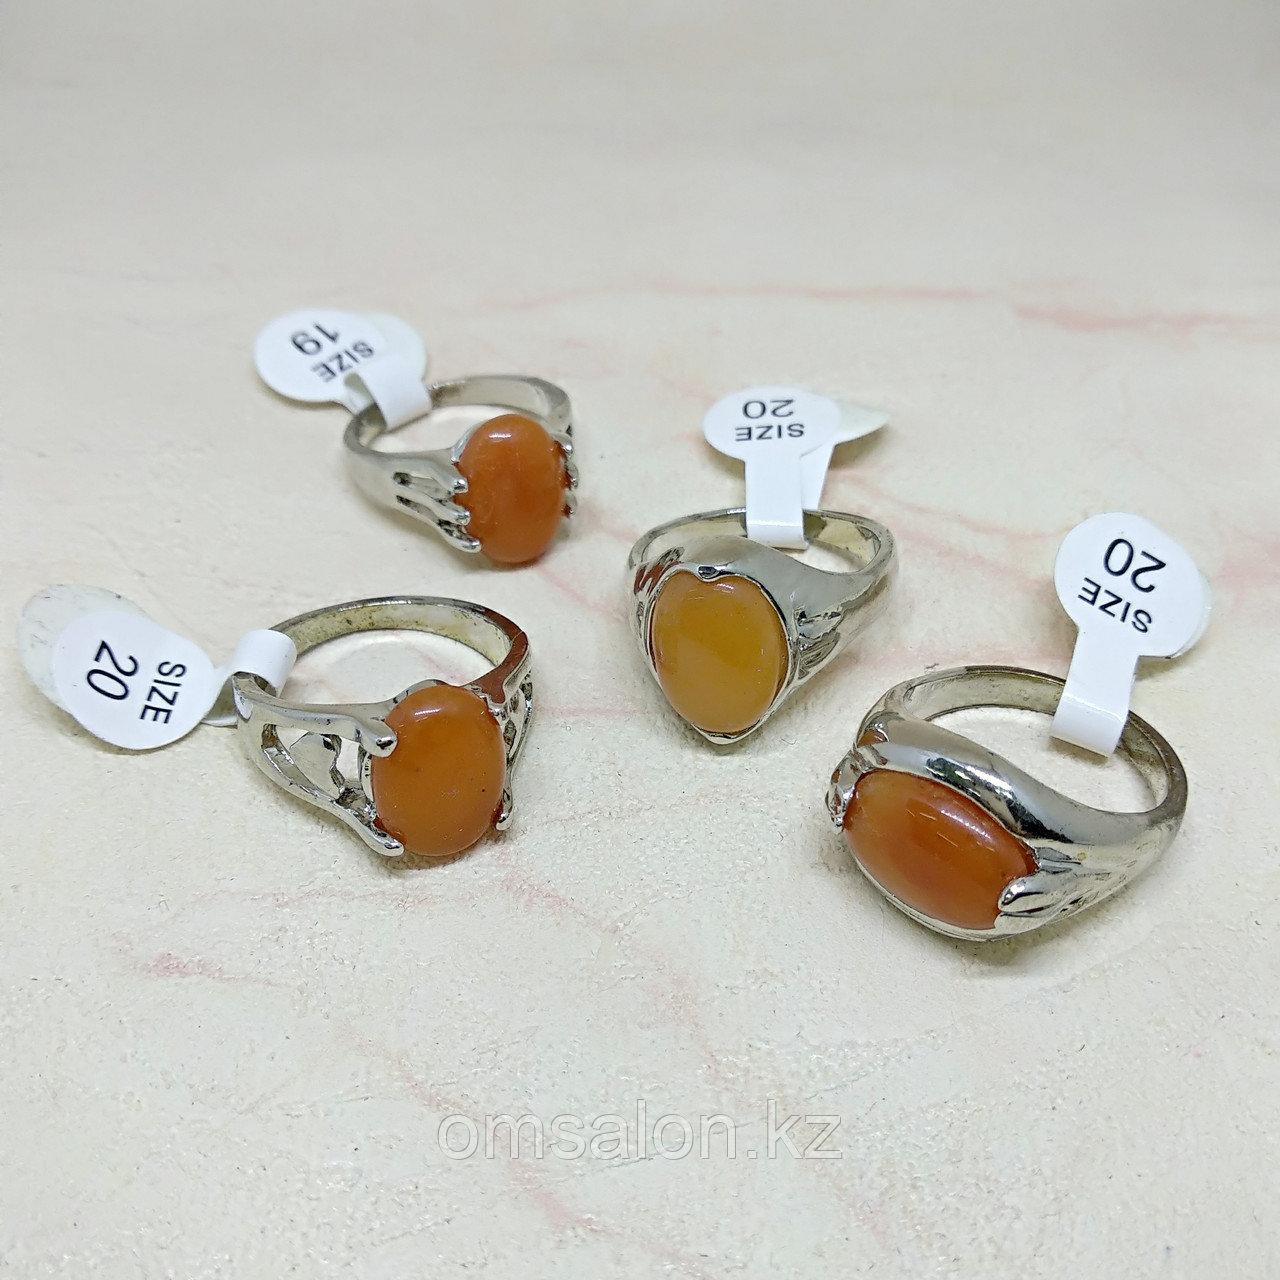 Кольцо с натуральным сердоликом